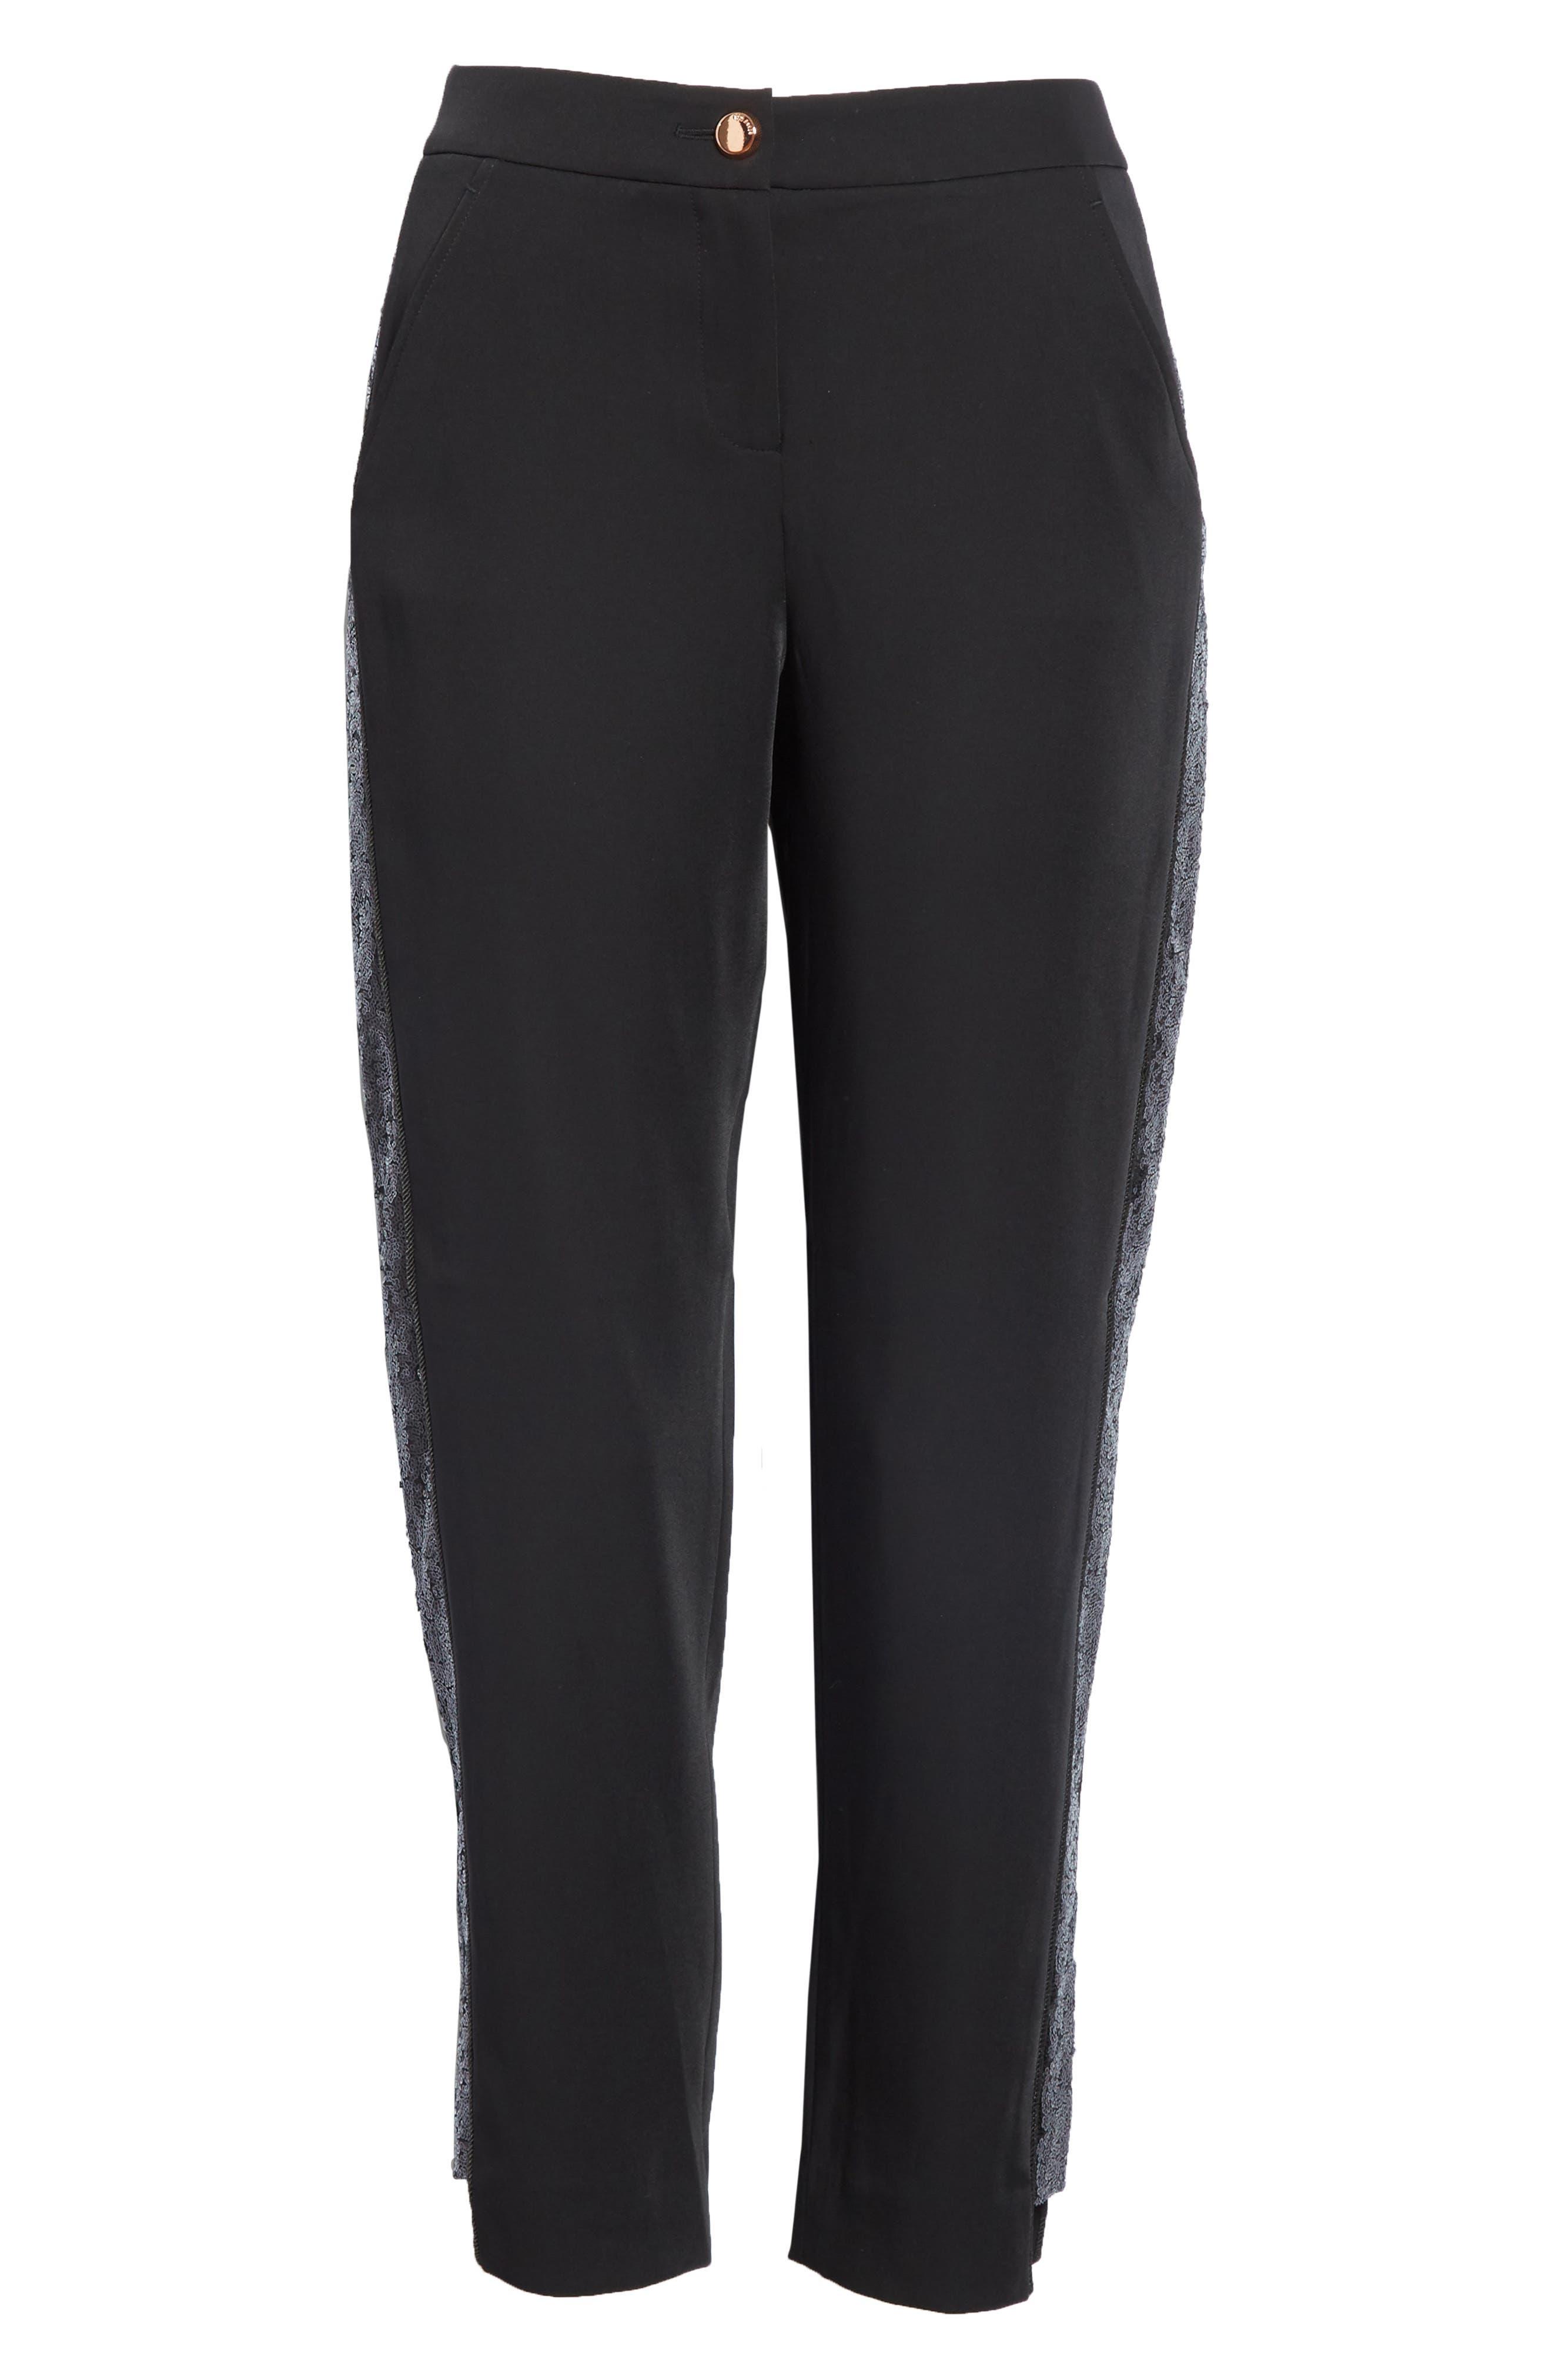 Polliit Sequin Side Panel Pants,                             Alternate thumbnail 6, color,                             BLACK